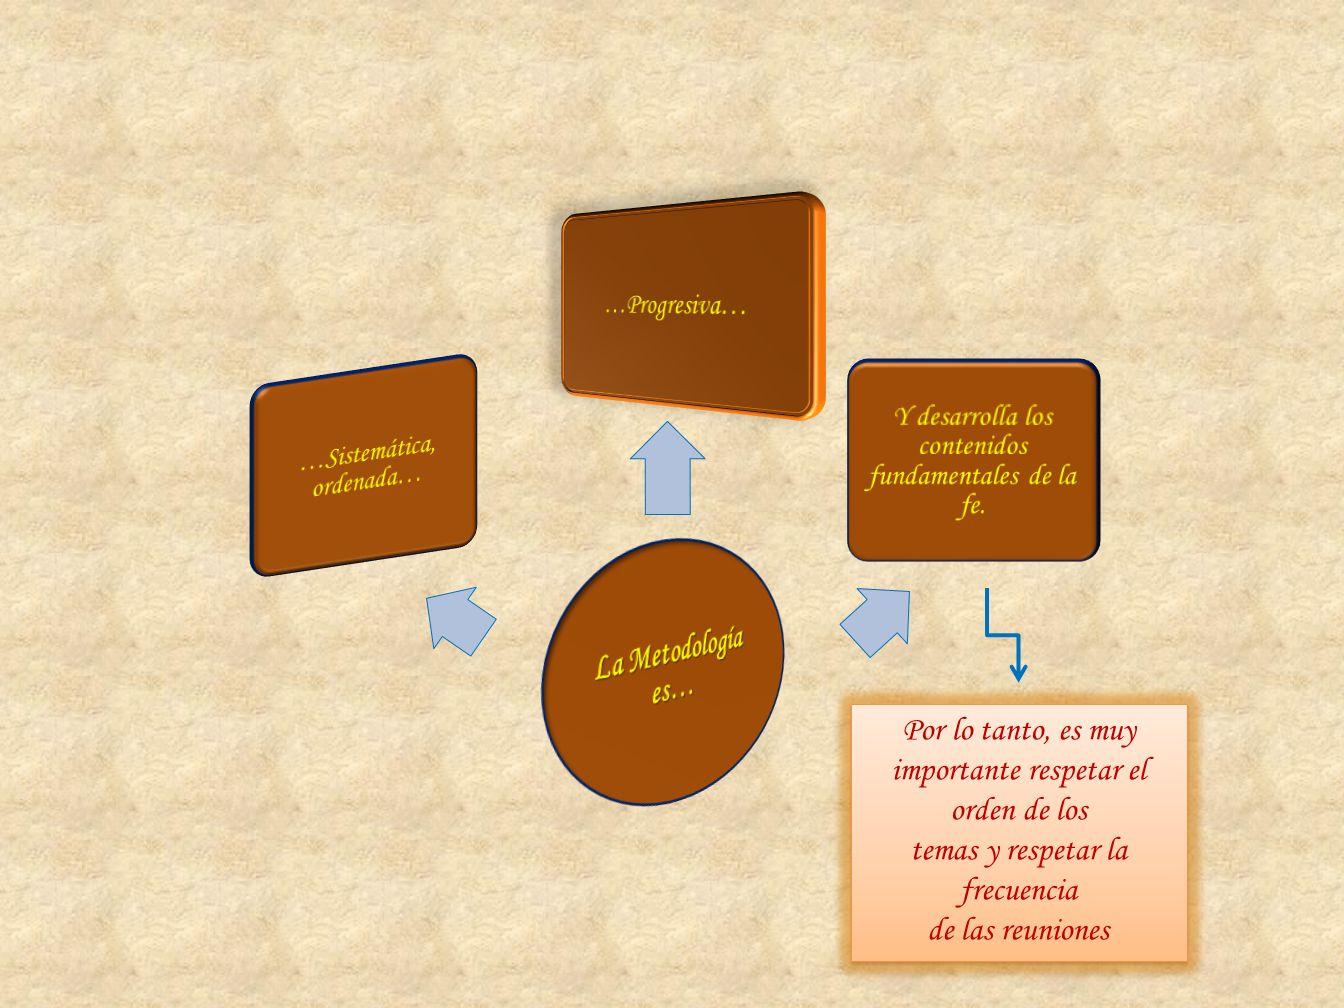 La Metodología es… …Sistemática, ordenada… …Progresiva… Y desarrolla los contenidos fundamentales de la fe.